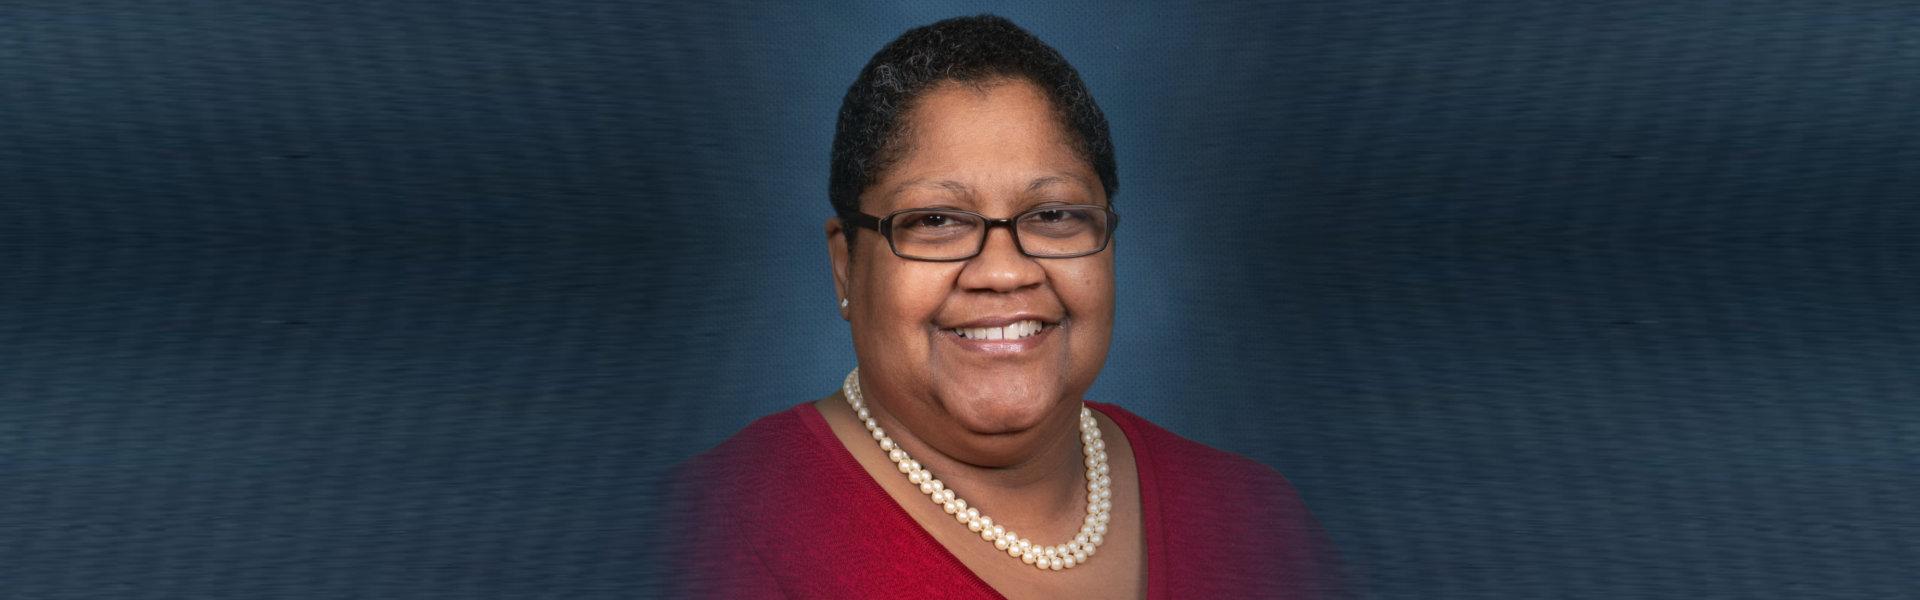 Dr. Donna Haskins Jackson